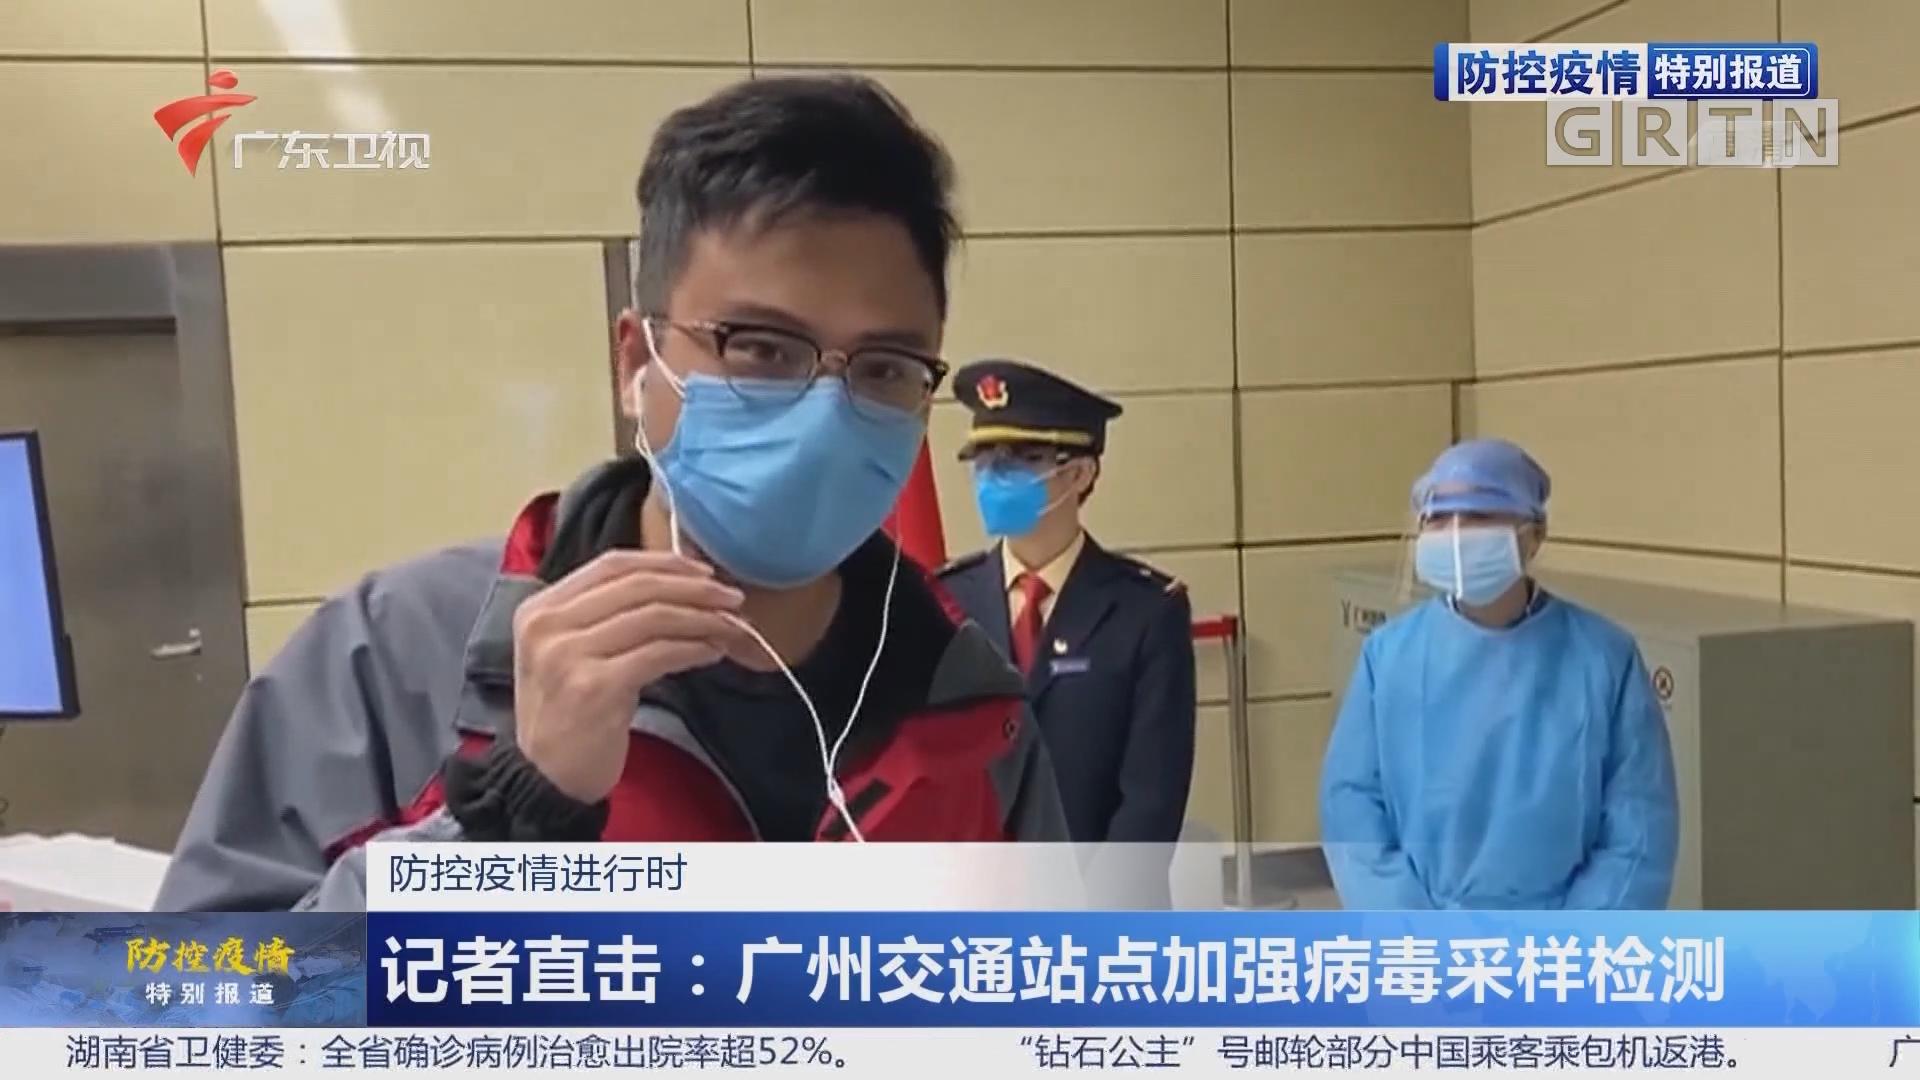 防控疫情进行时 记者直击:广州交通站点加强病毒采样检测